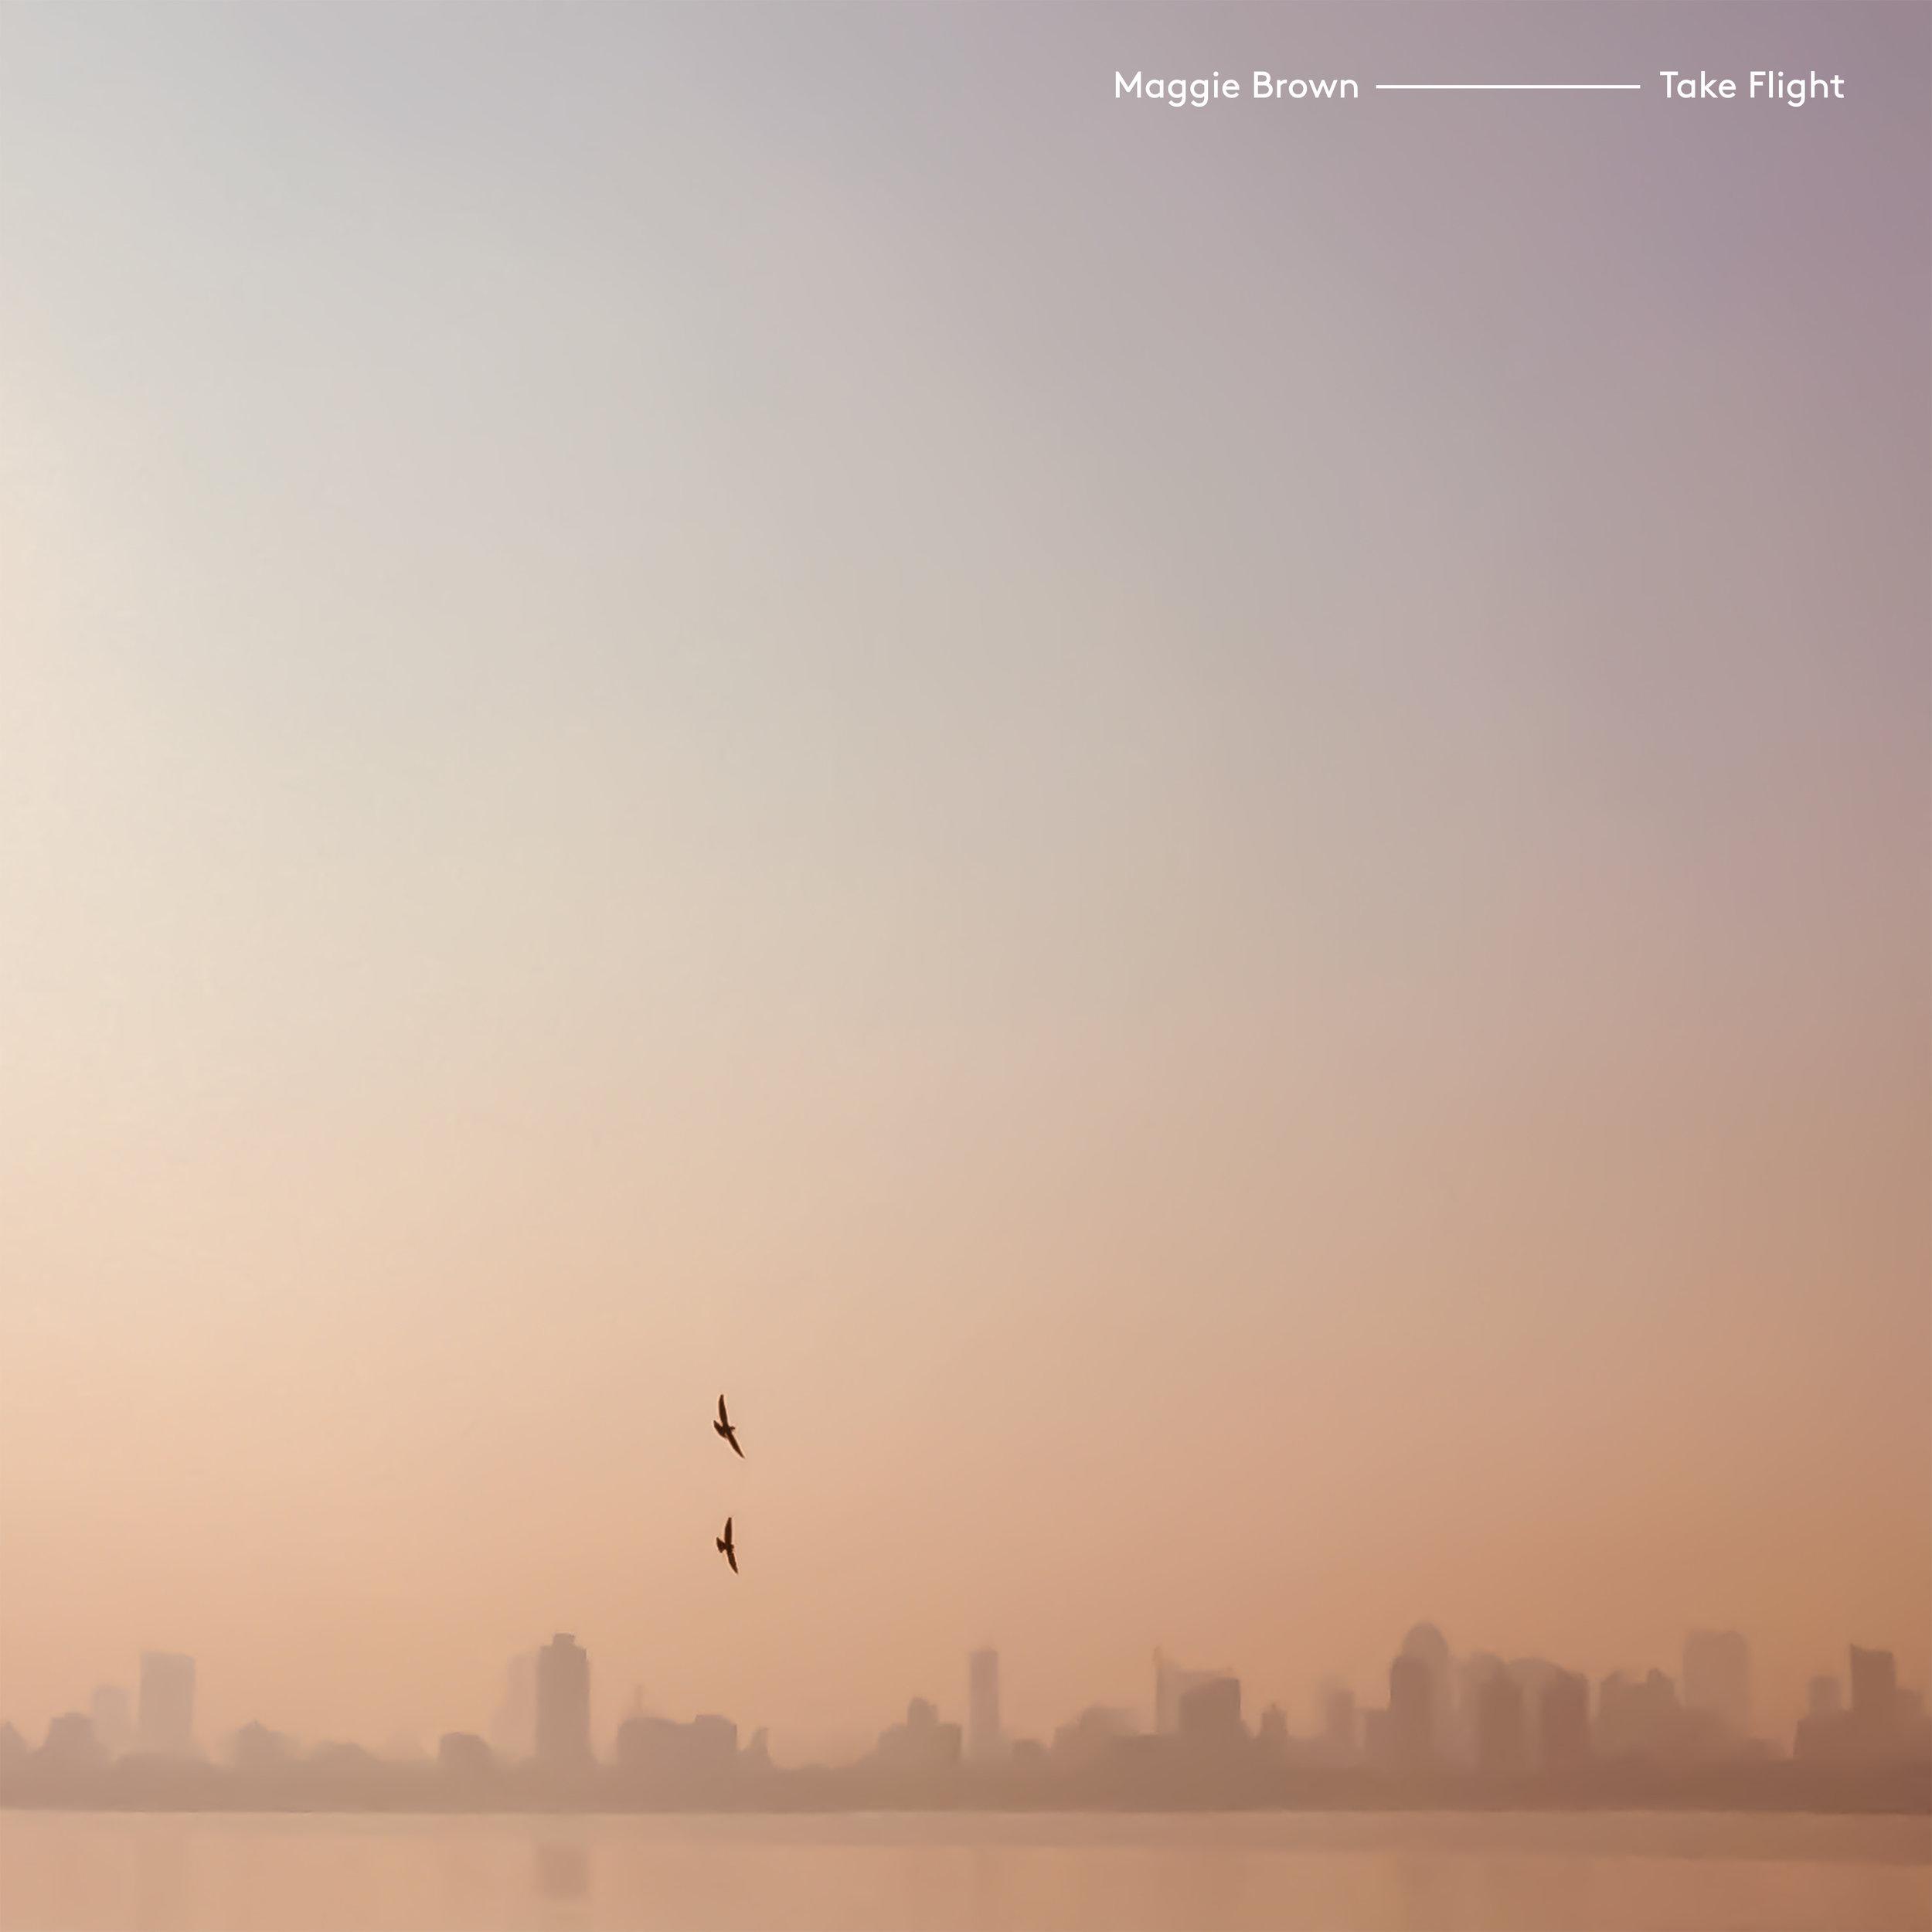 Maggie Brown - Take Flight